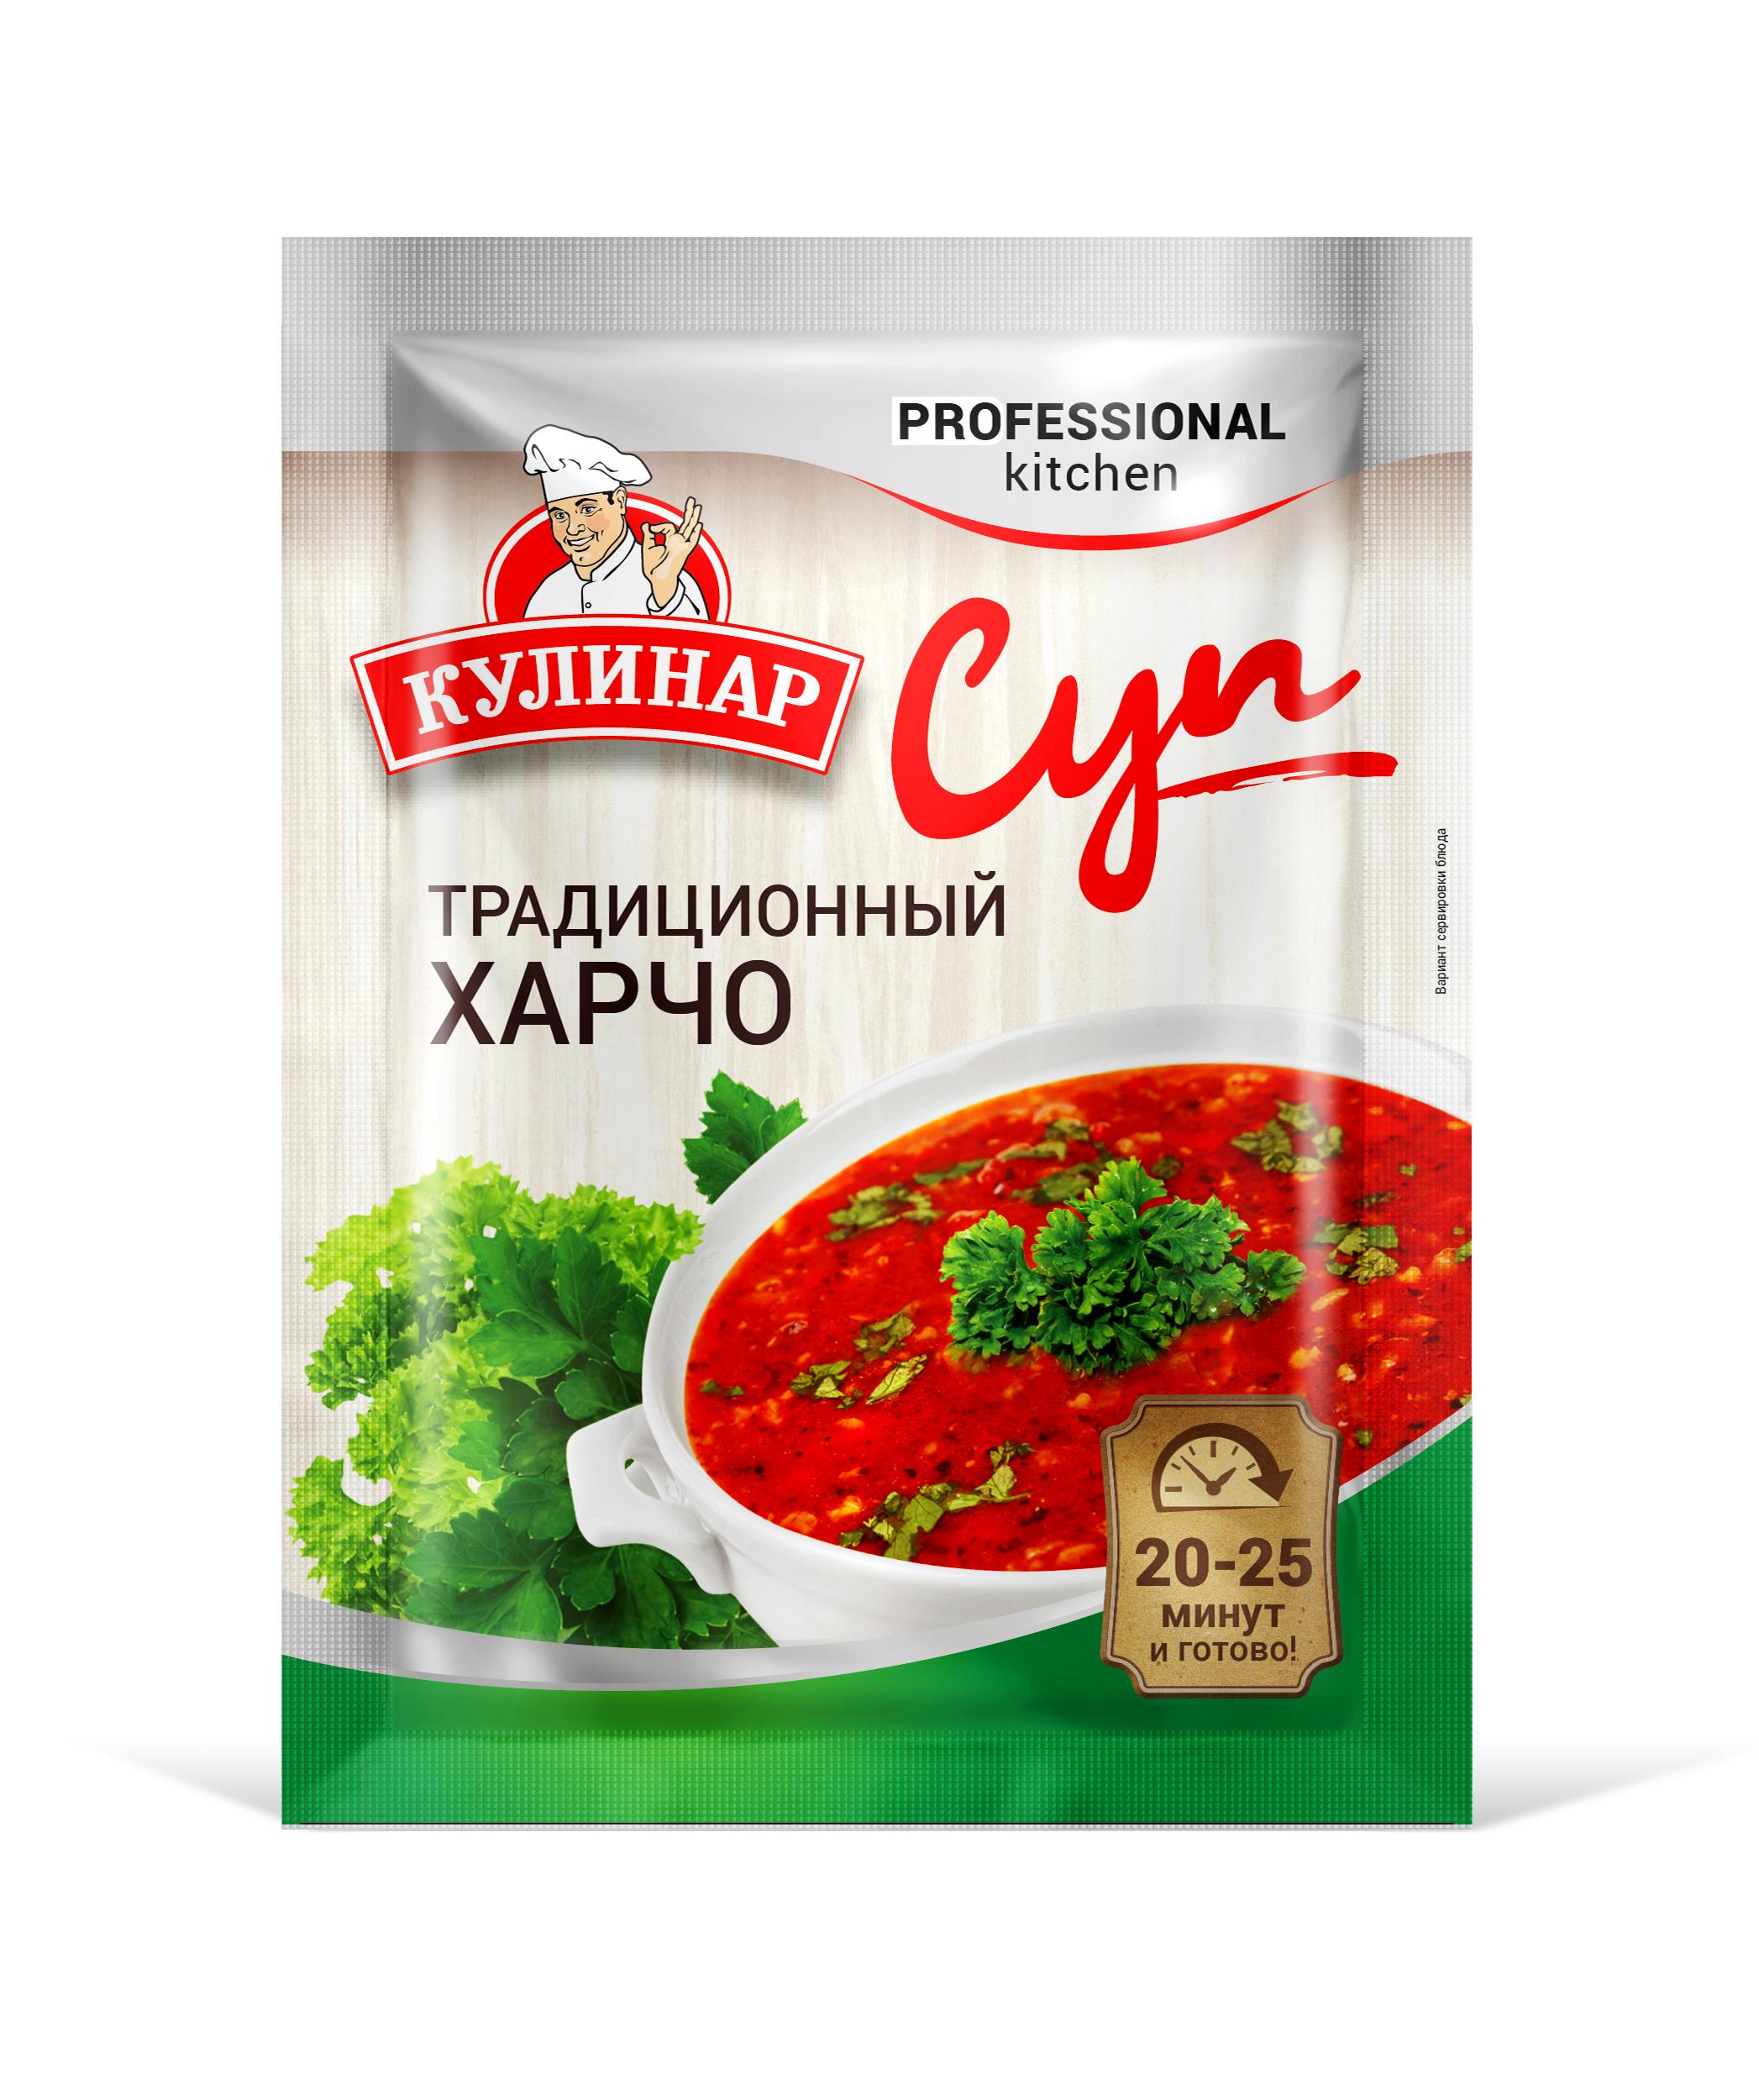 Картинка Суп харчо КУЛИНАР